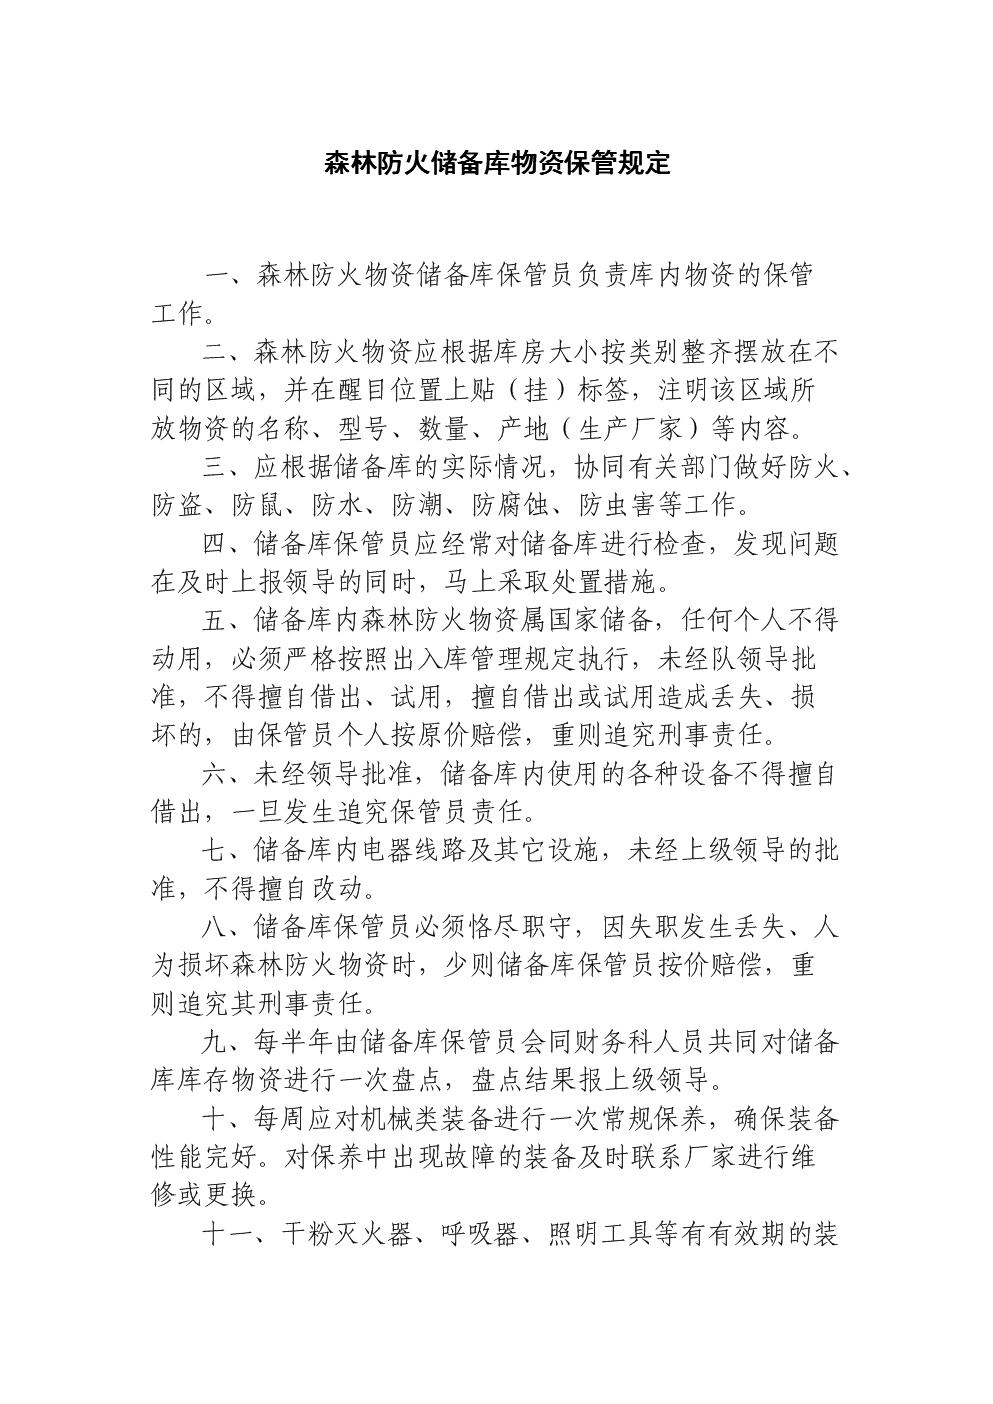 森林防火储备库物资保管规定.doc